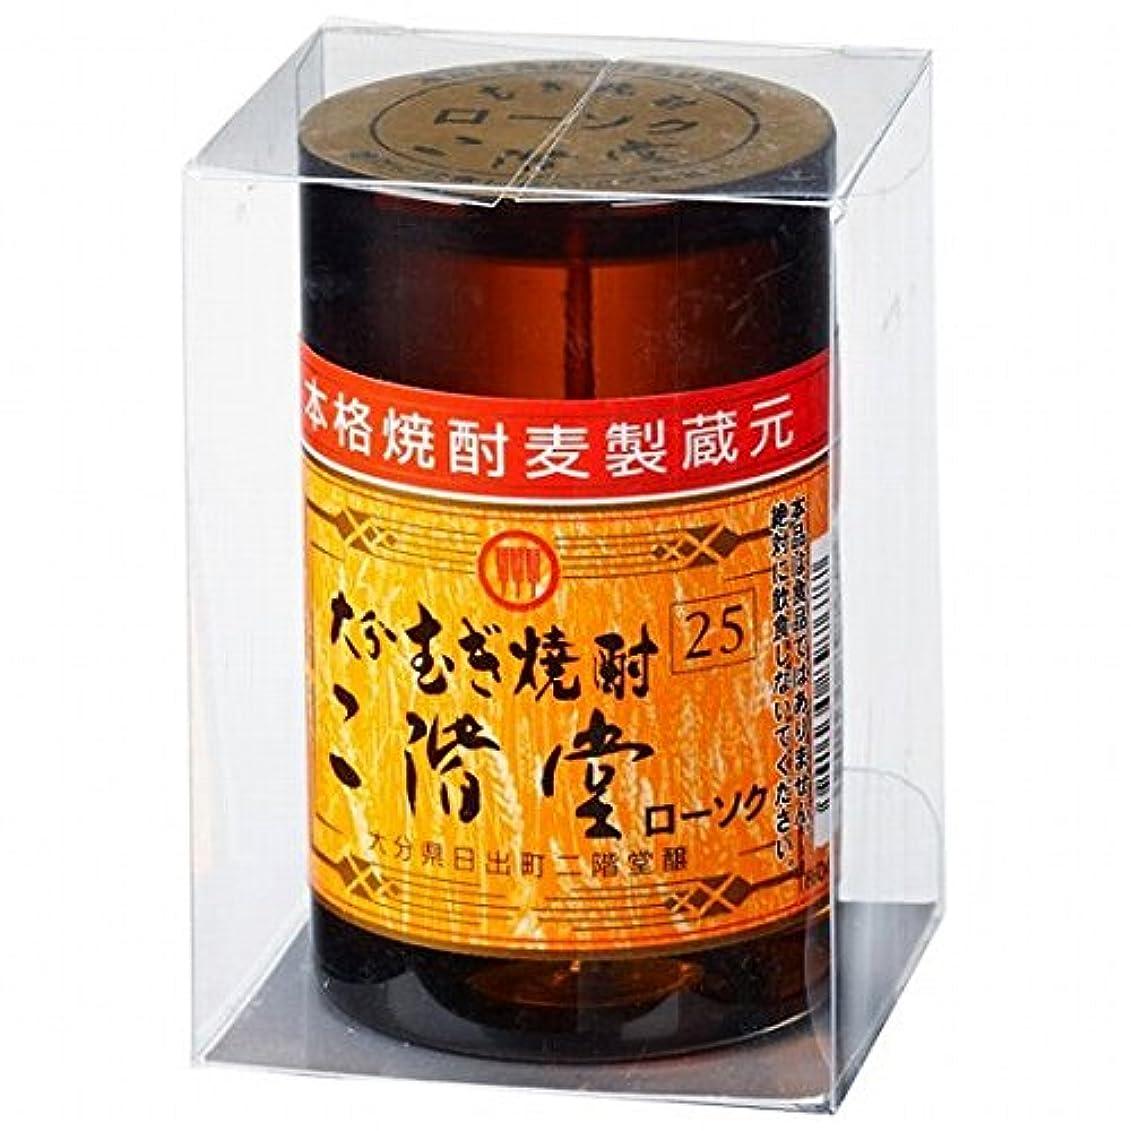 口ひげ下る外出カメヤマキャンドル(kameyama candle) 大分むぎ焼酎 二階堂ローソク キャンドル